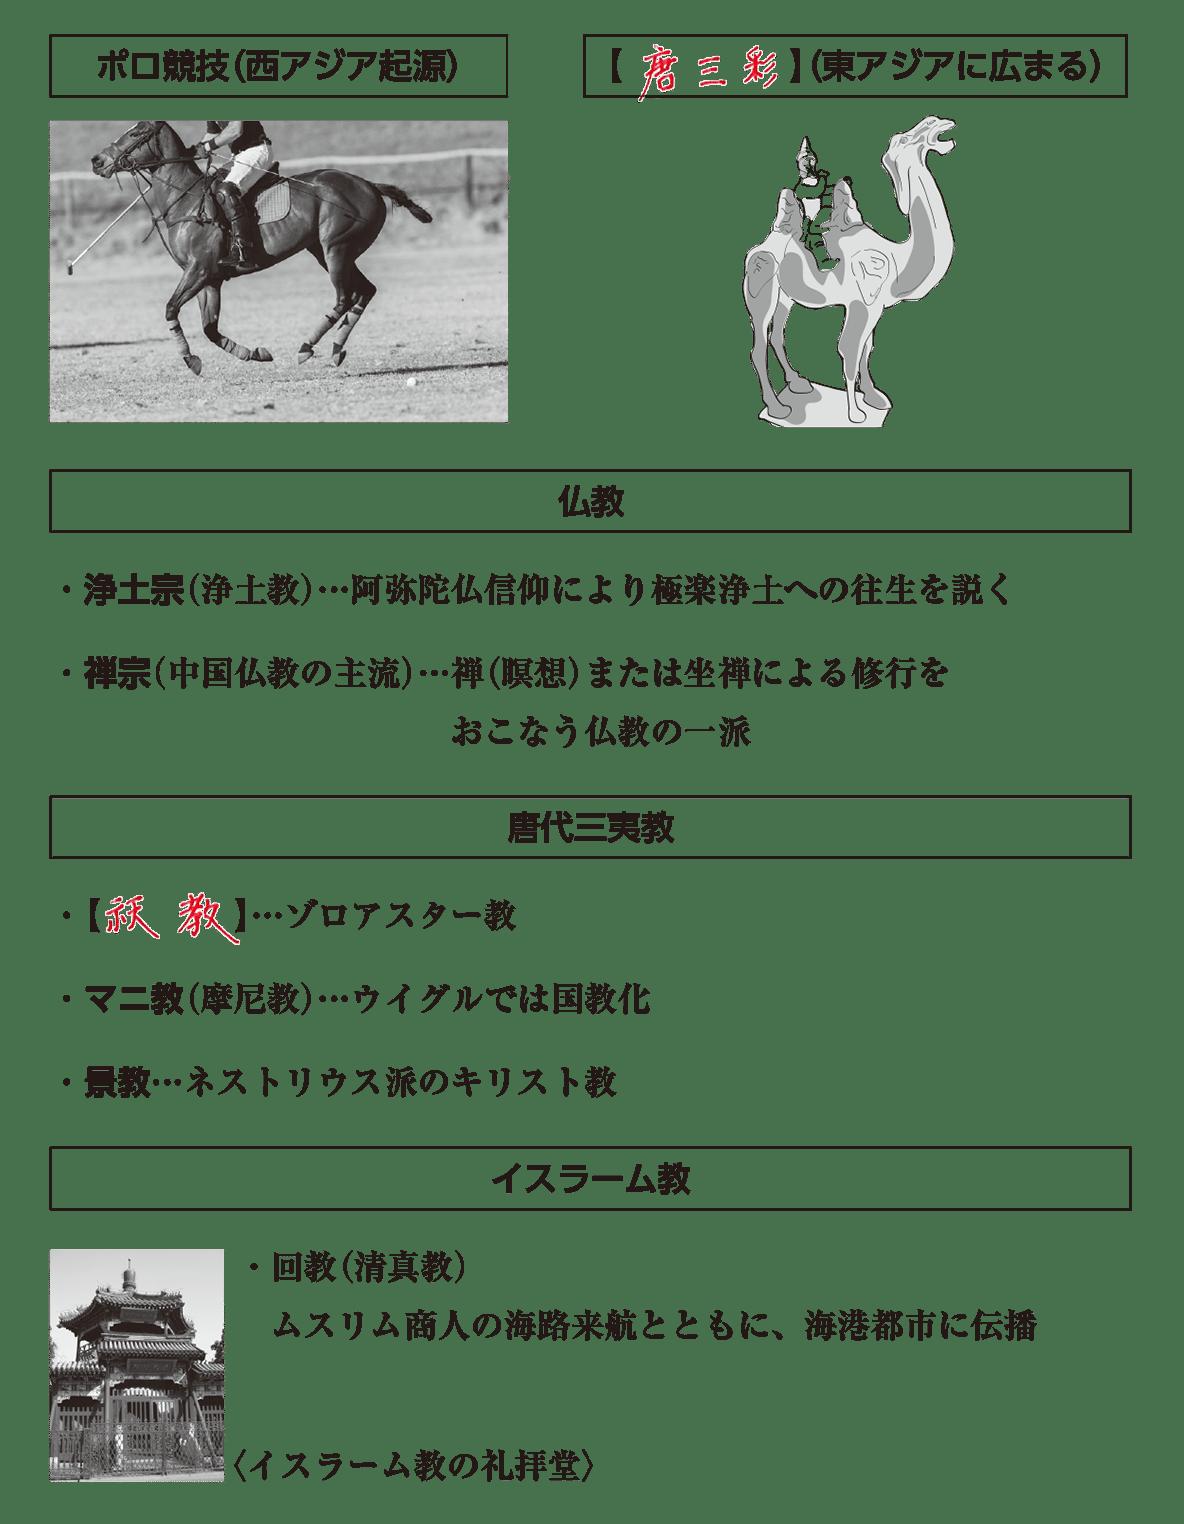 高校世界史 東アジア文明圏の形成5 ポ1 答え全部